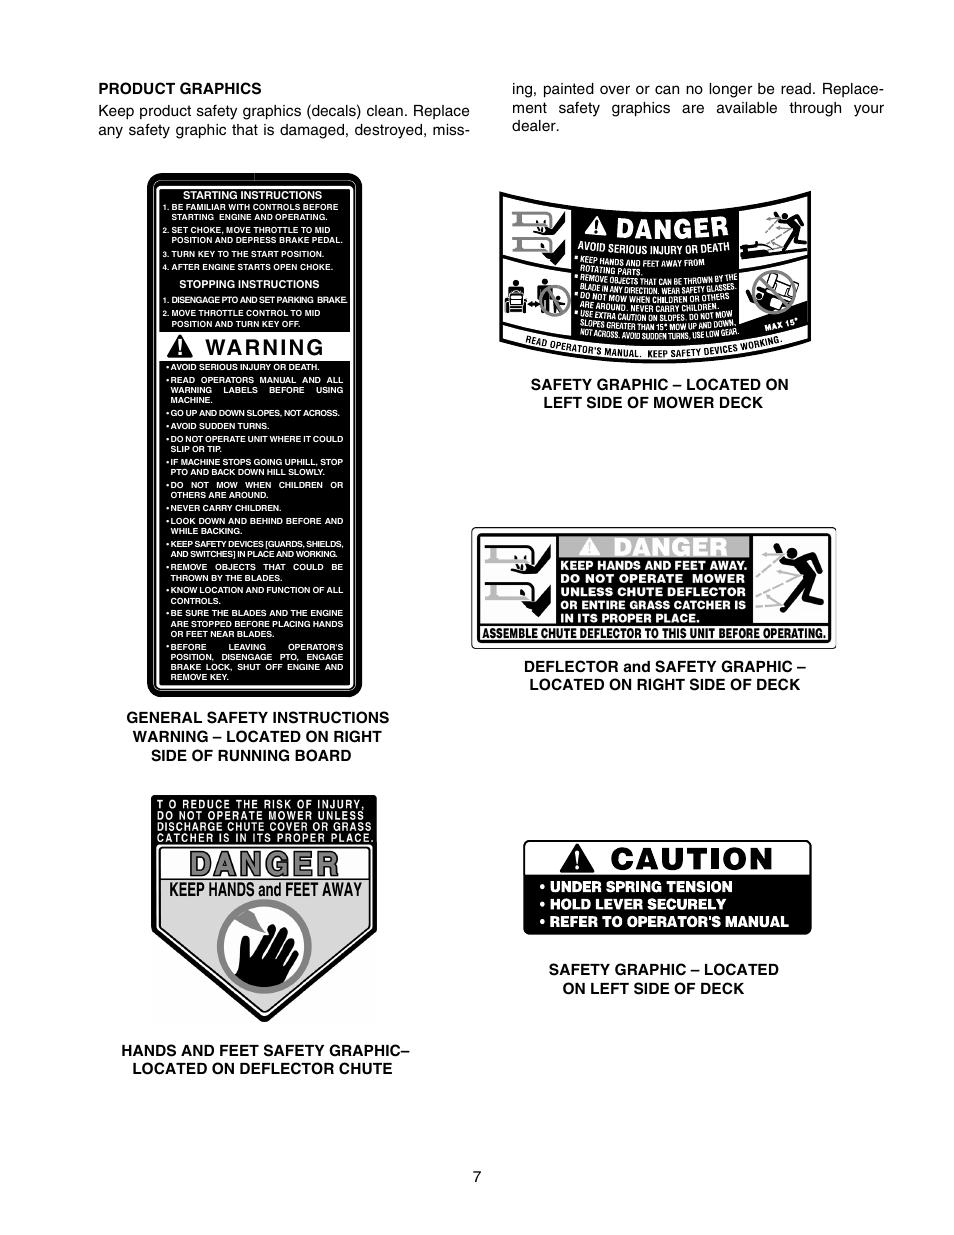 wa rn i n g safety graphic located on left side of deck cub rh manualsdir com cub cadet 2166 manual pdf Cub Cadet 2166 Series 2000